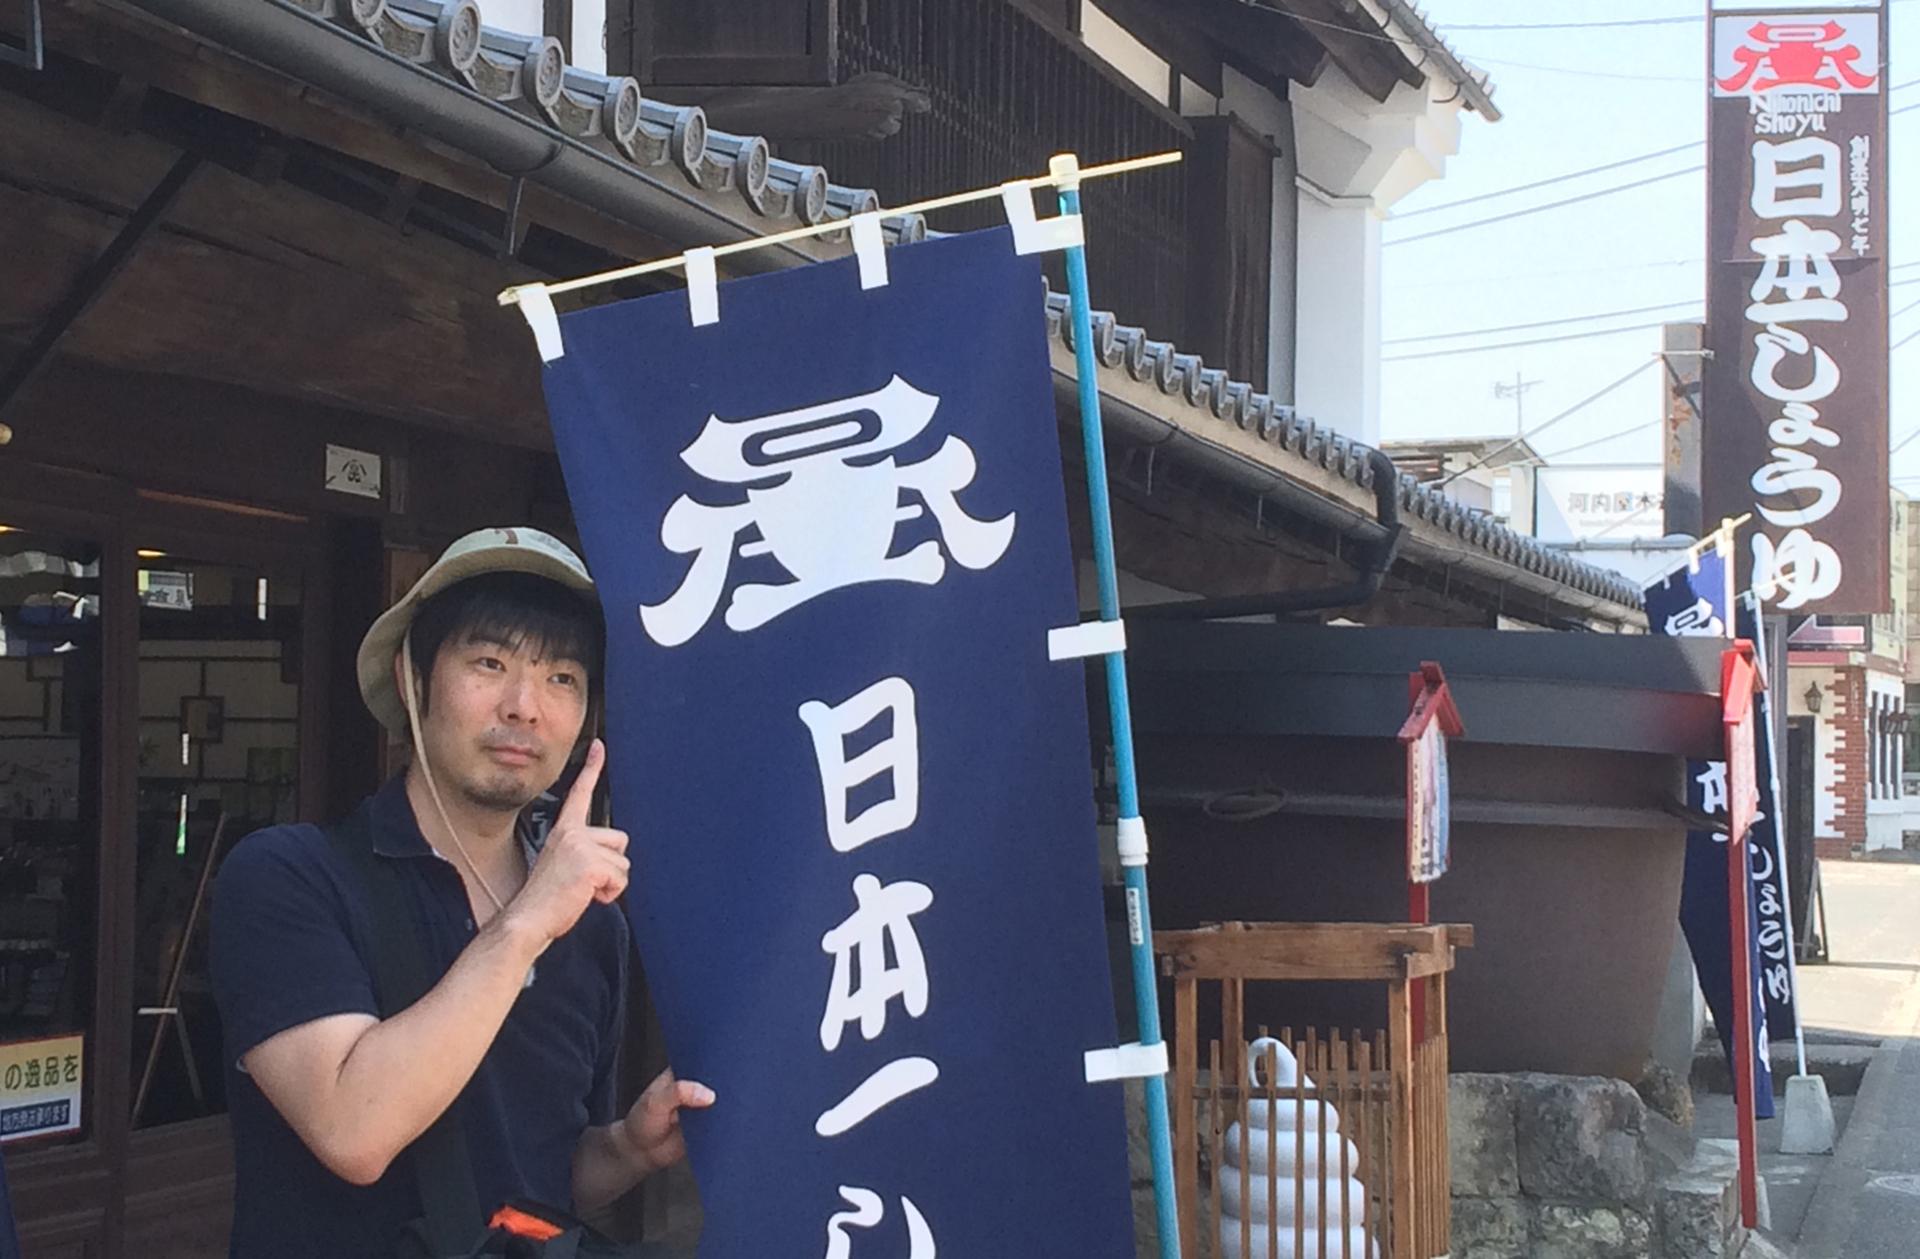 141_nihonichishoyu01_01